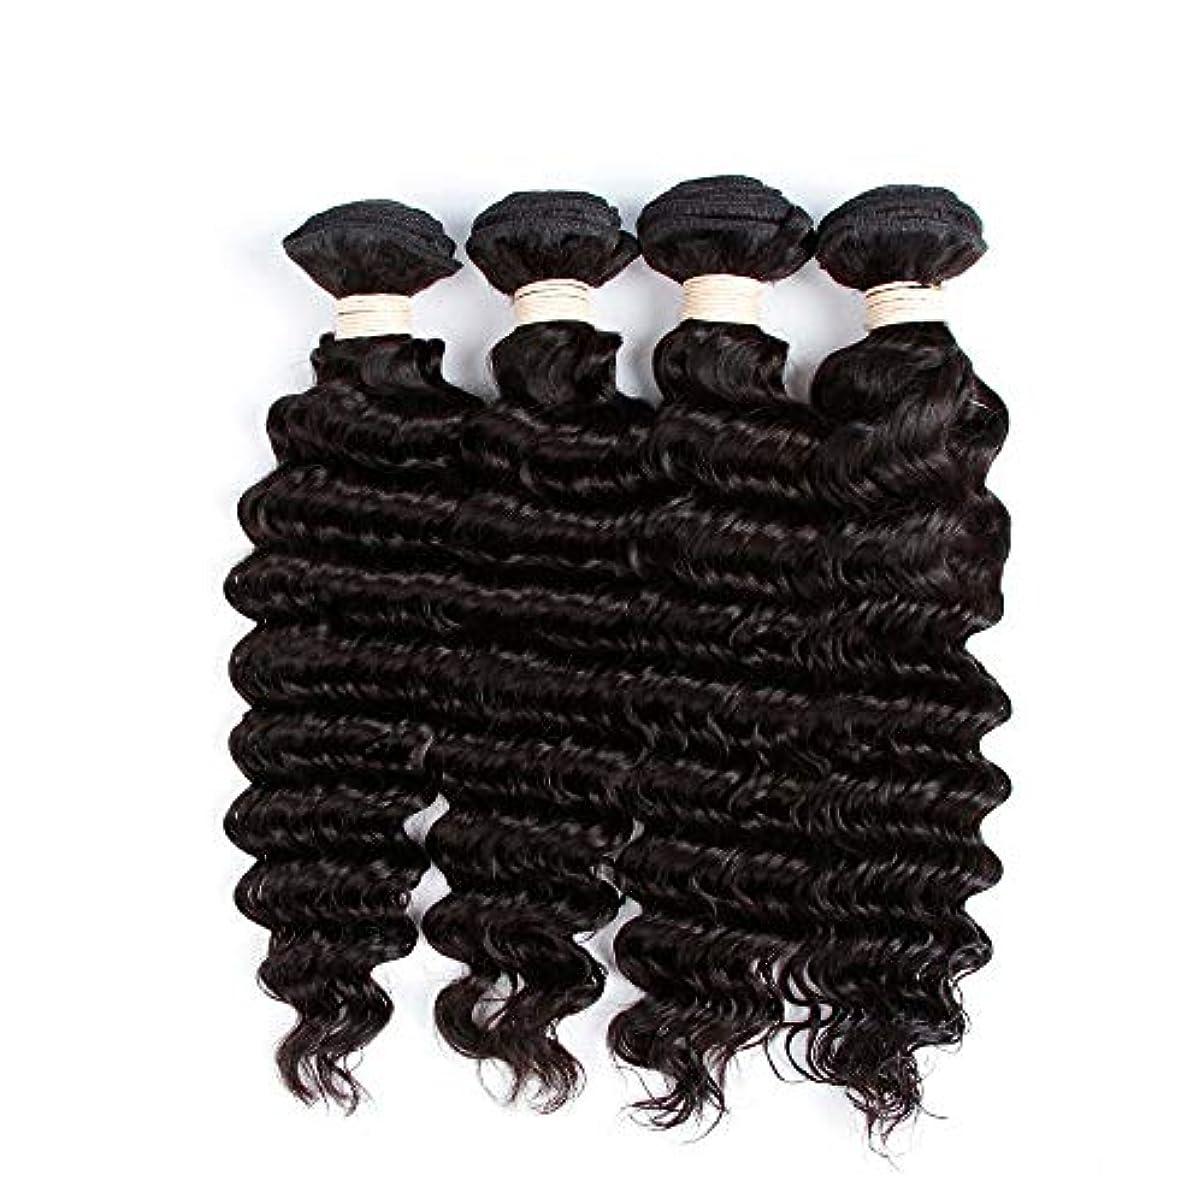 聴衆パット湿地HOHYLLYA 未処理のブラジルの深い巻き毛の束本物の人間のバージンヘアエクステンション - 1束#1Bナチュラルカラー(100 +/- 5g)/ pc女性複合かつらレースかつらロールプレイングかつら (色 : 黒,...